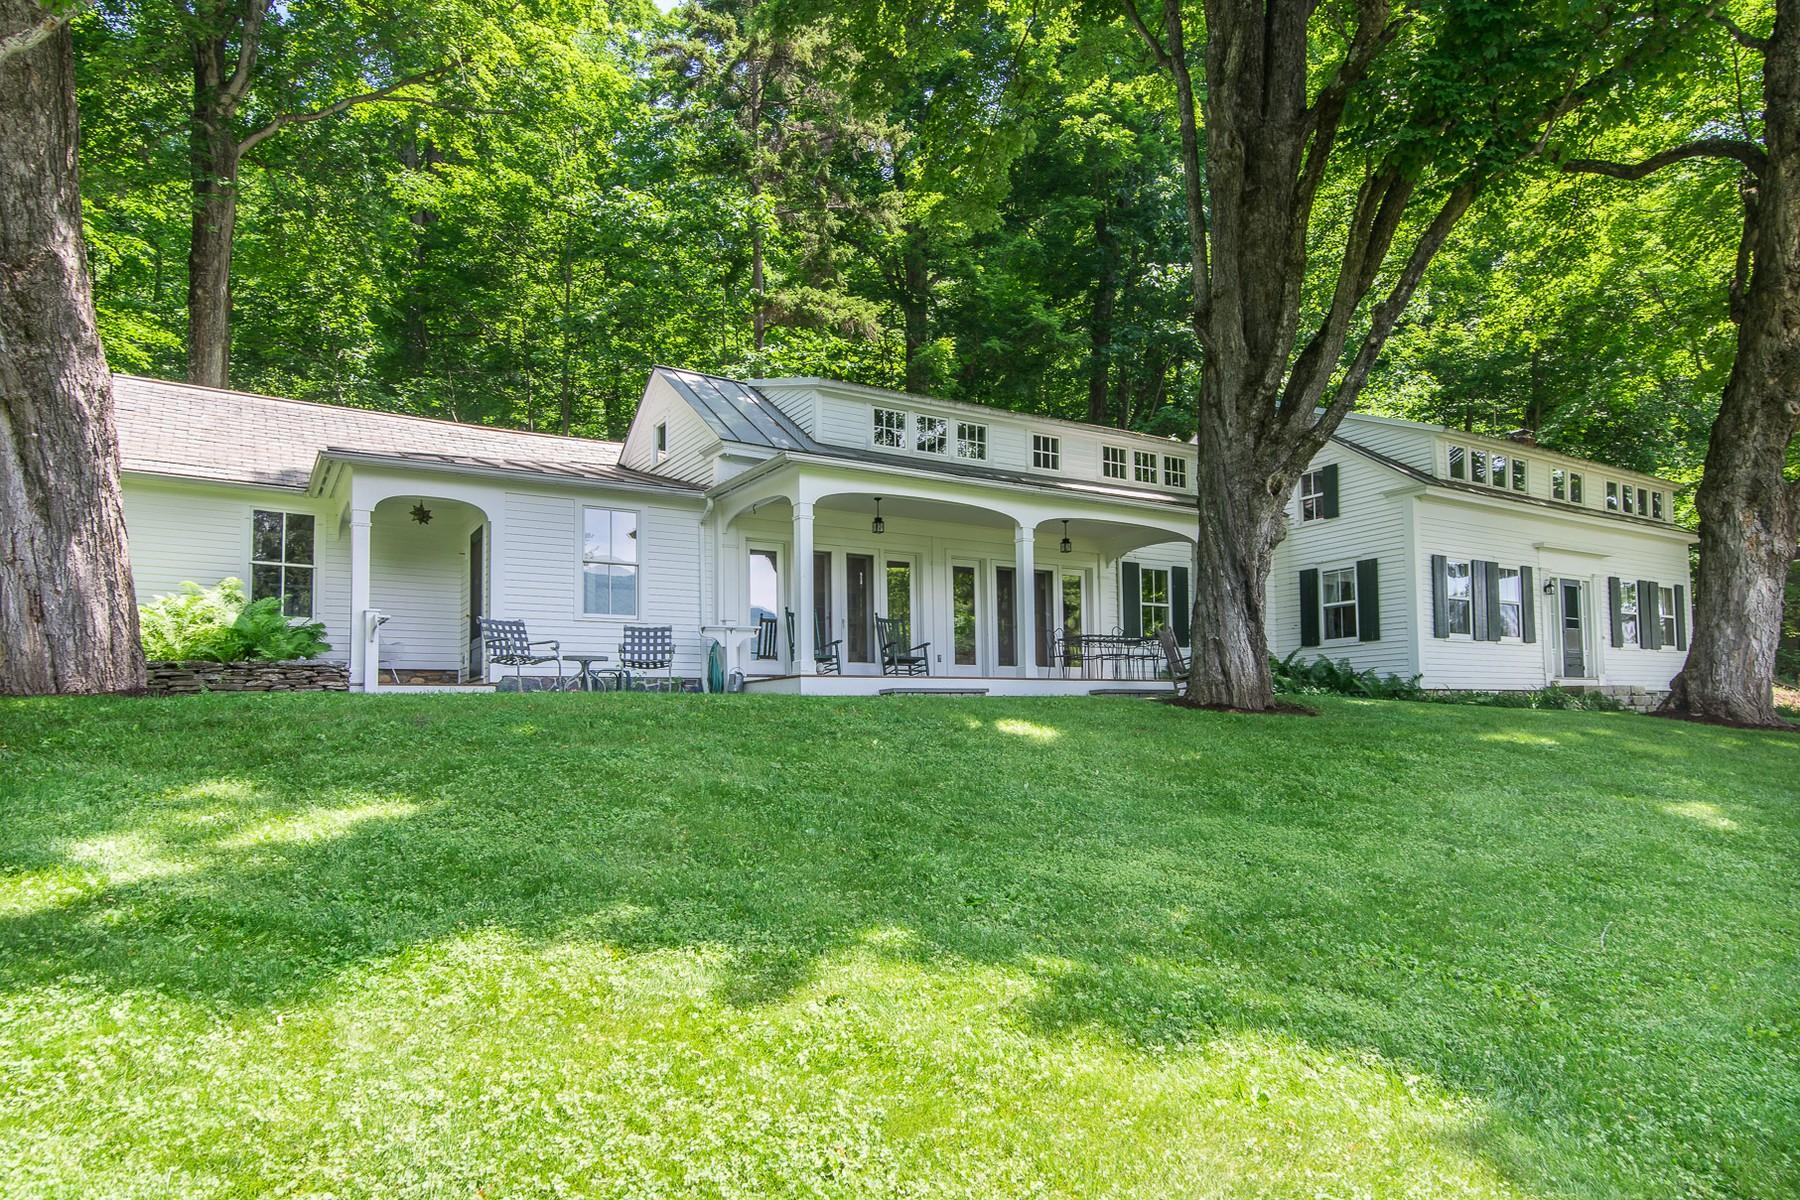 Villa per Vendita alle ore 209 Maple Hill Lane, Dorset 209 Maple Hill Ln Dorset, Vermont 05251 Stati Uniti